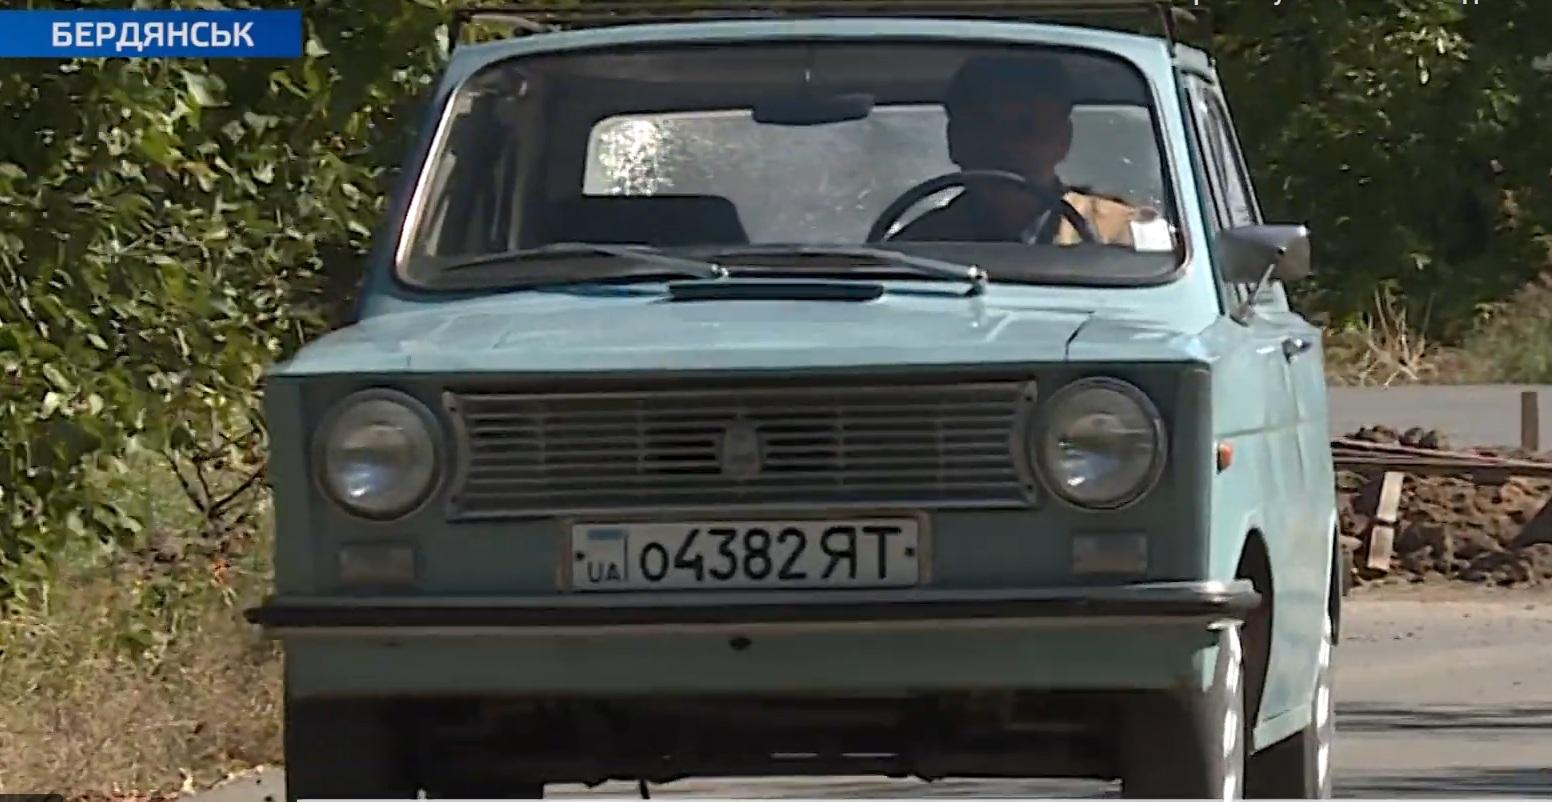 Украинец 25 лет ездит на самодельном авто (видео)